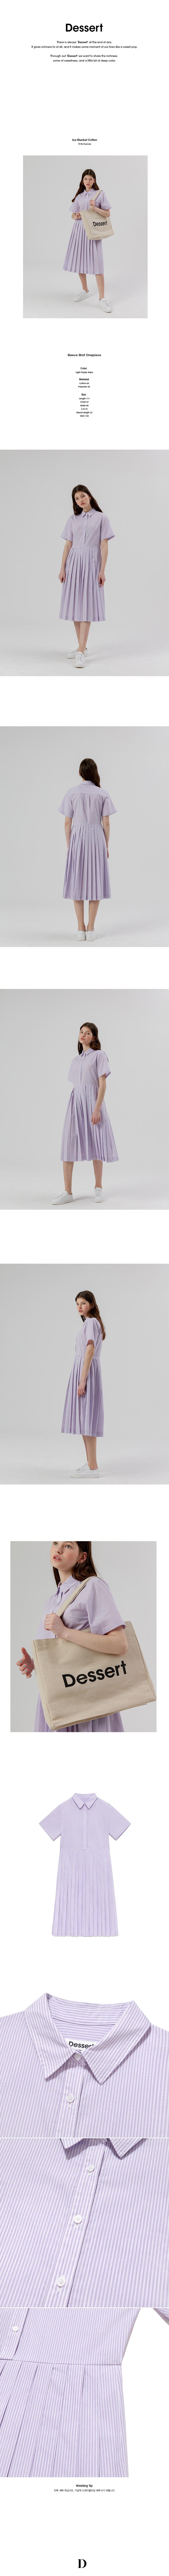 디저트(DESSERT) 플리츠 셔츠 원피스 [라이트 퍼플 스트라이프]